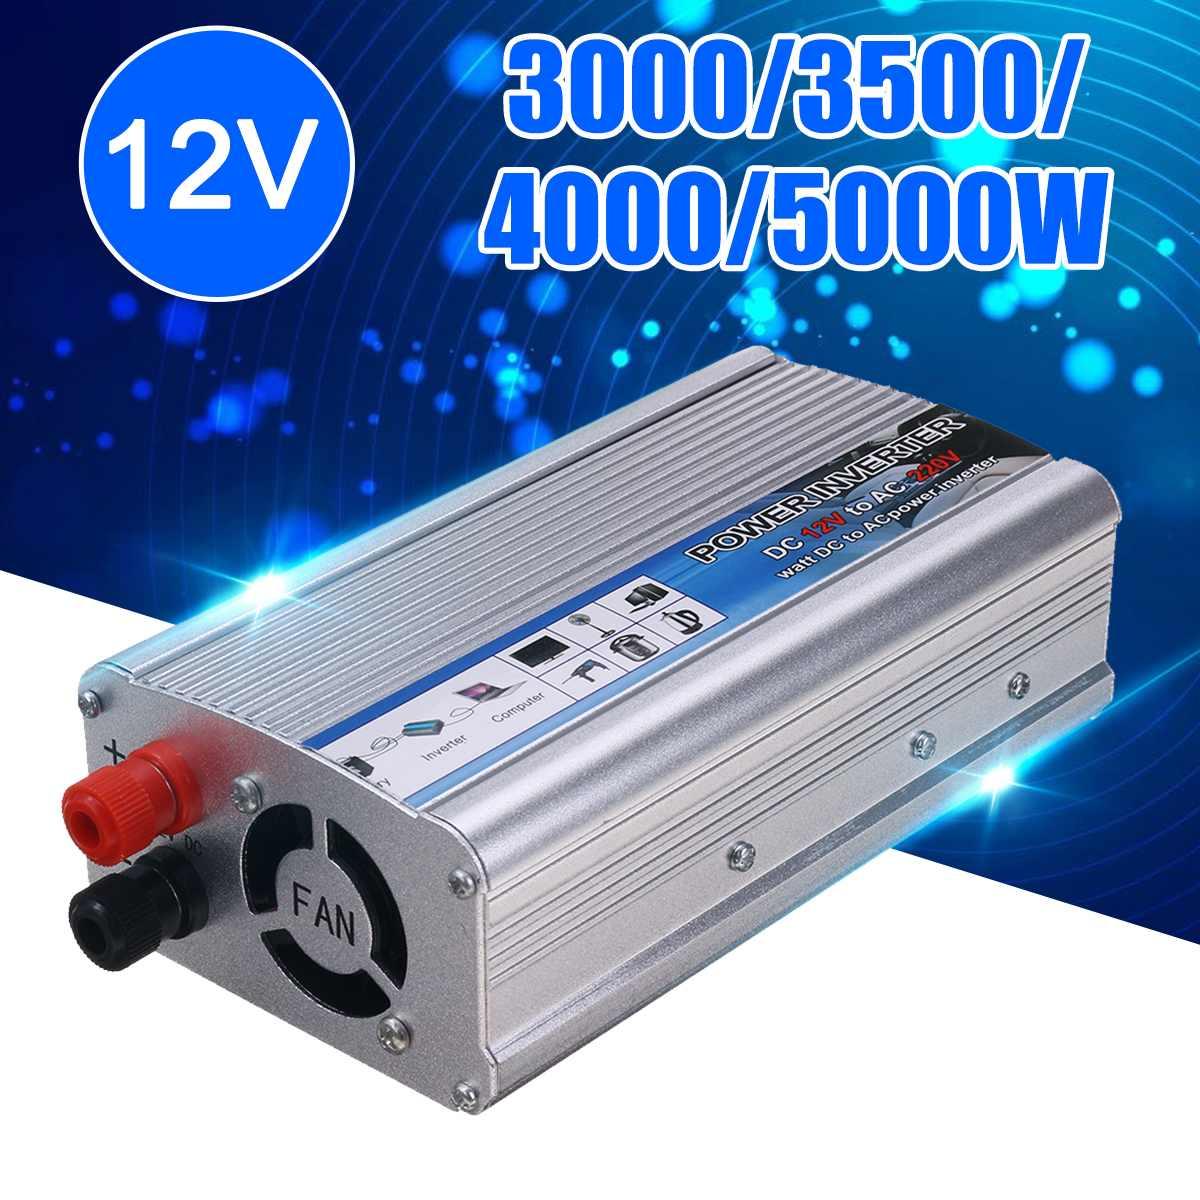 Inverter 5000W-3000 Watt Sine Wave Power Inverter DC 12V To AC 220V Portable Car Power USB Inverter Charger Converter Adapter